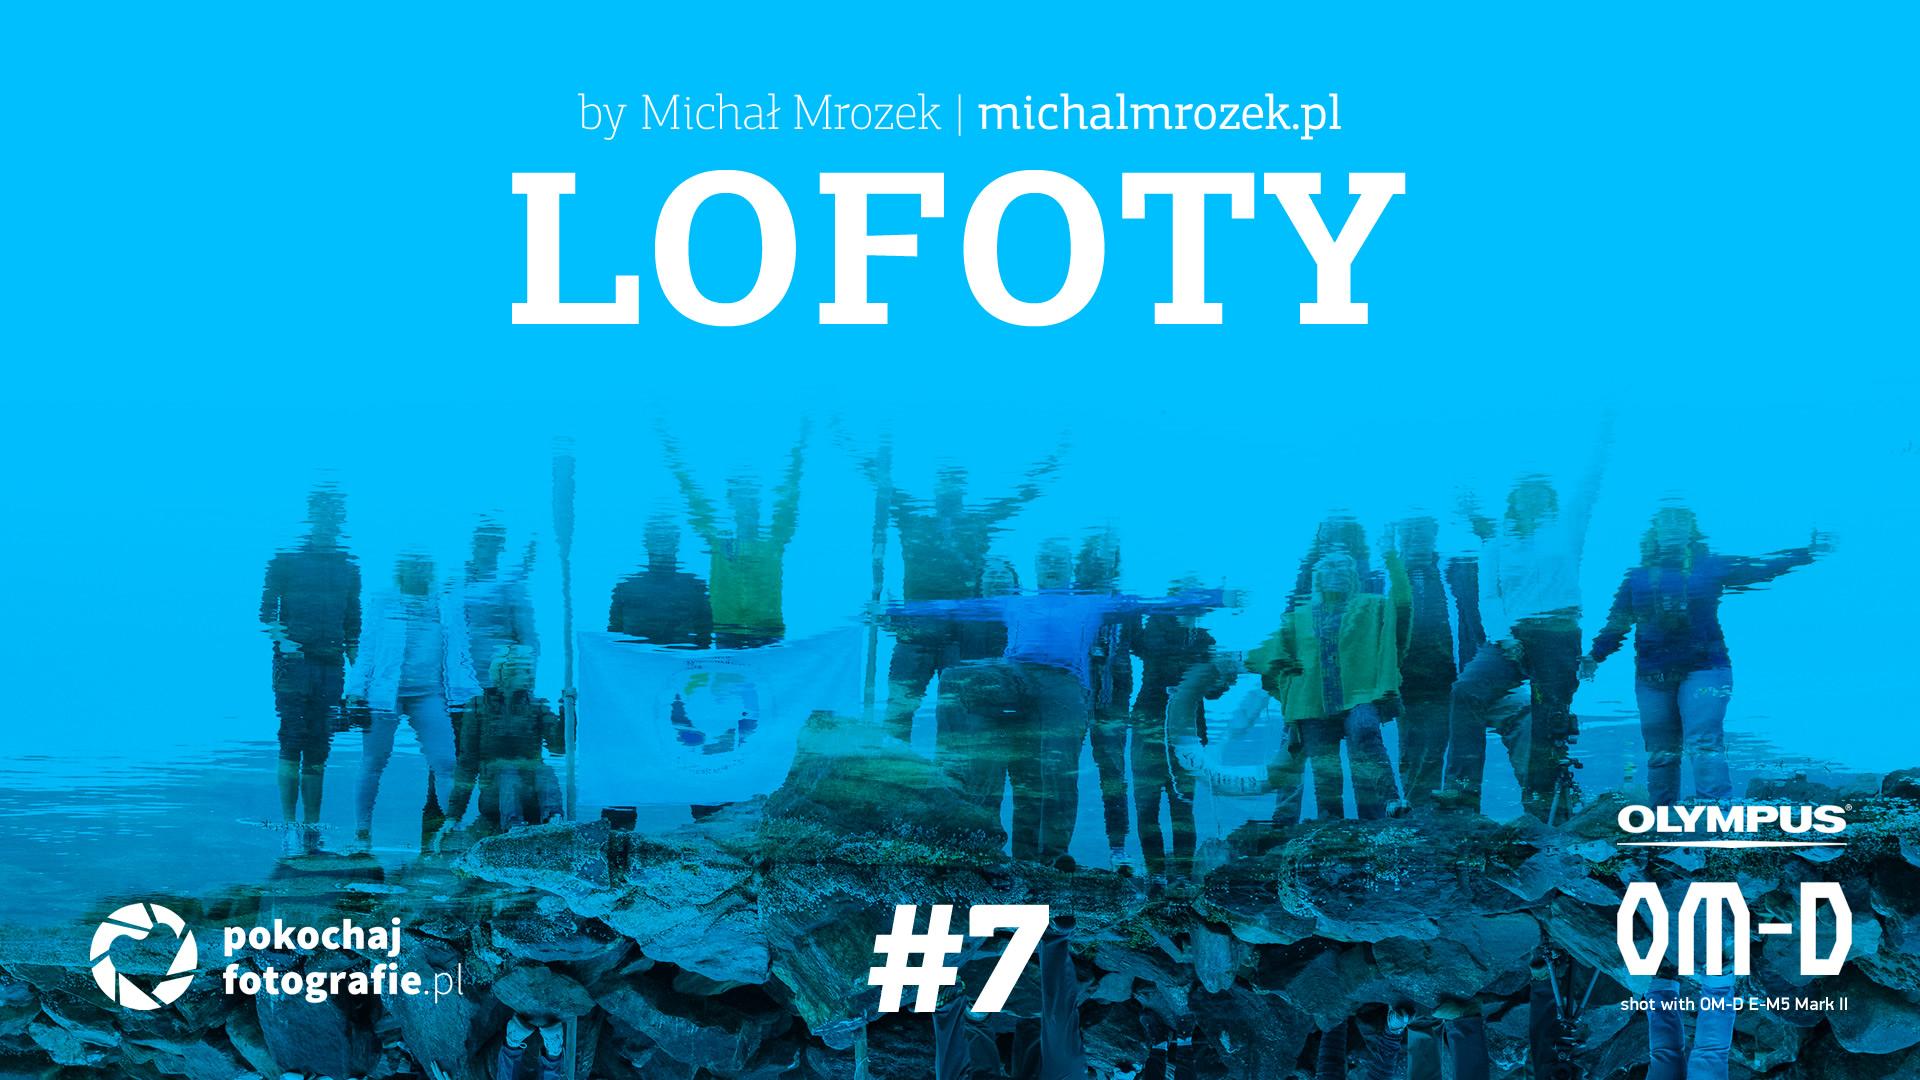 Lofoty – JEST BOSKO, SZARO, PO NORWESKU!